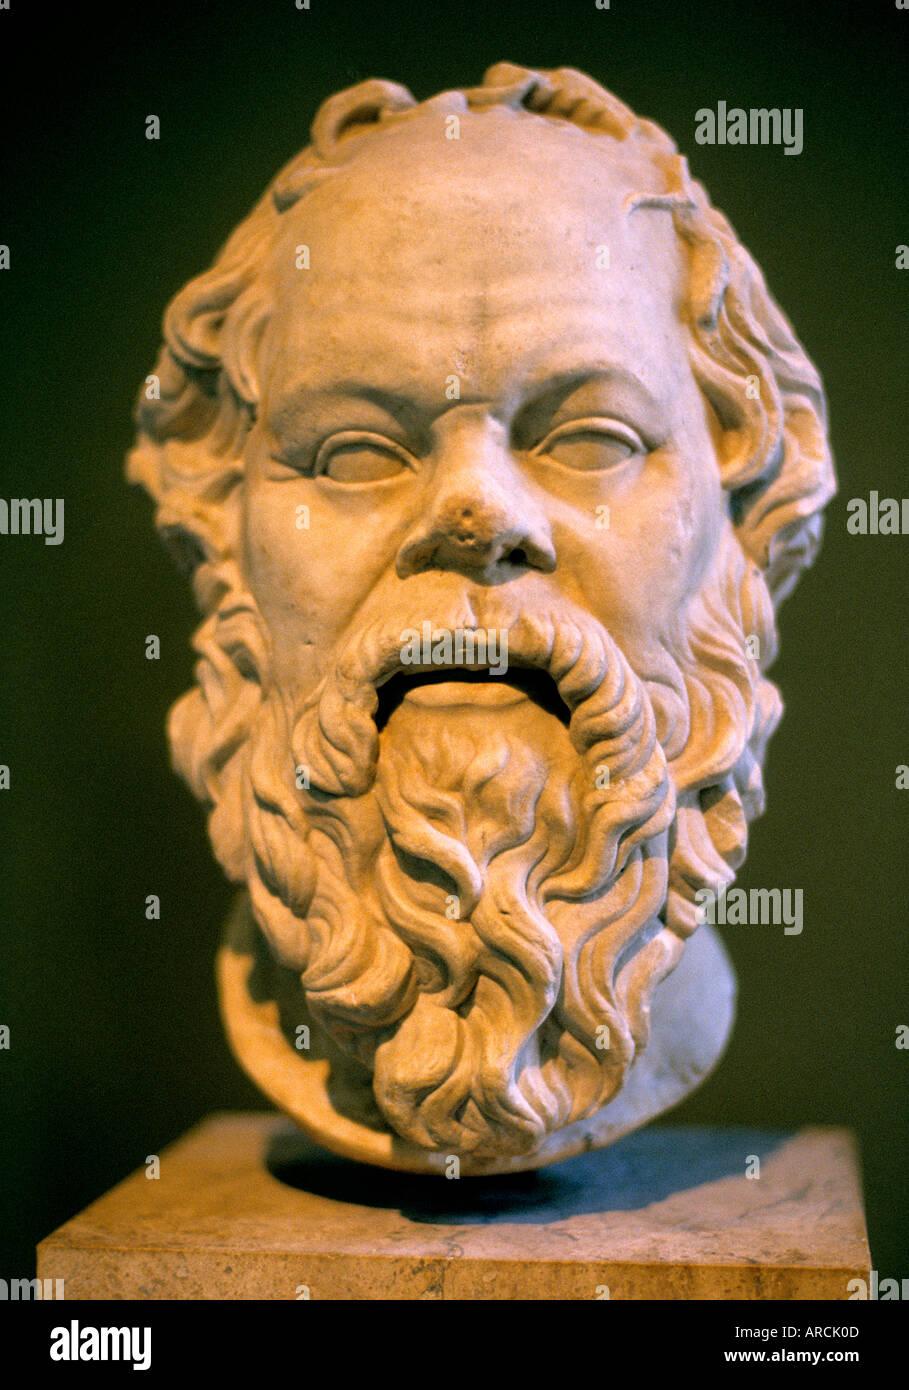 греция философы картинки древняя